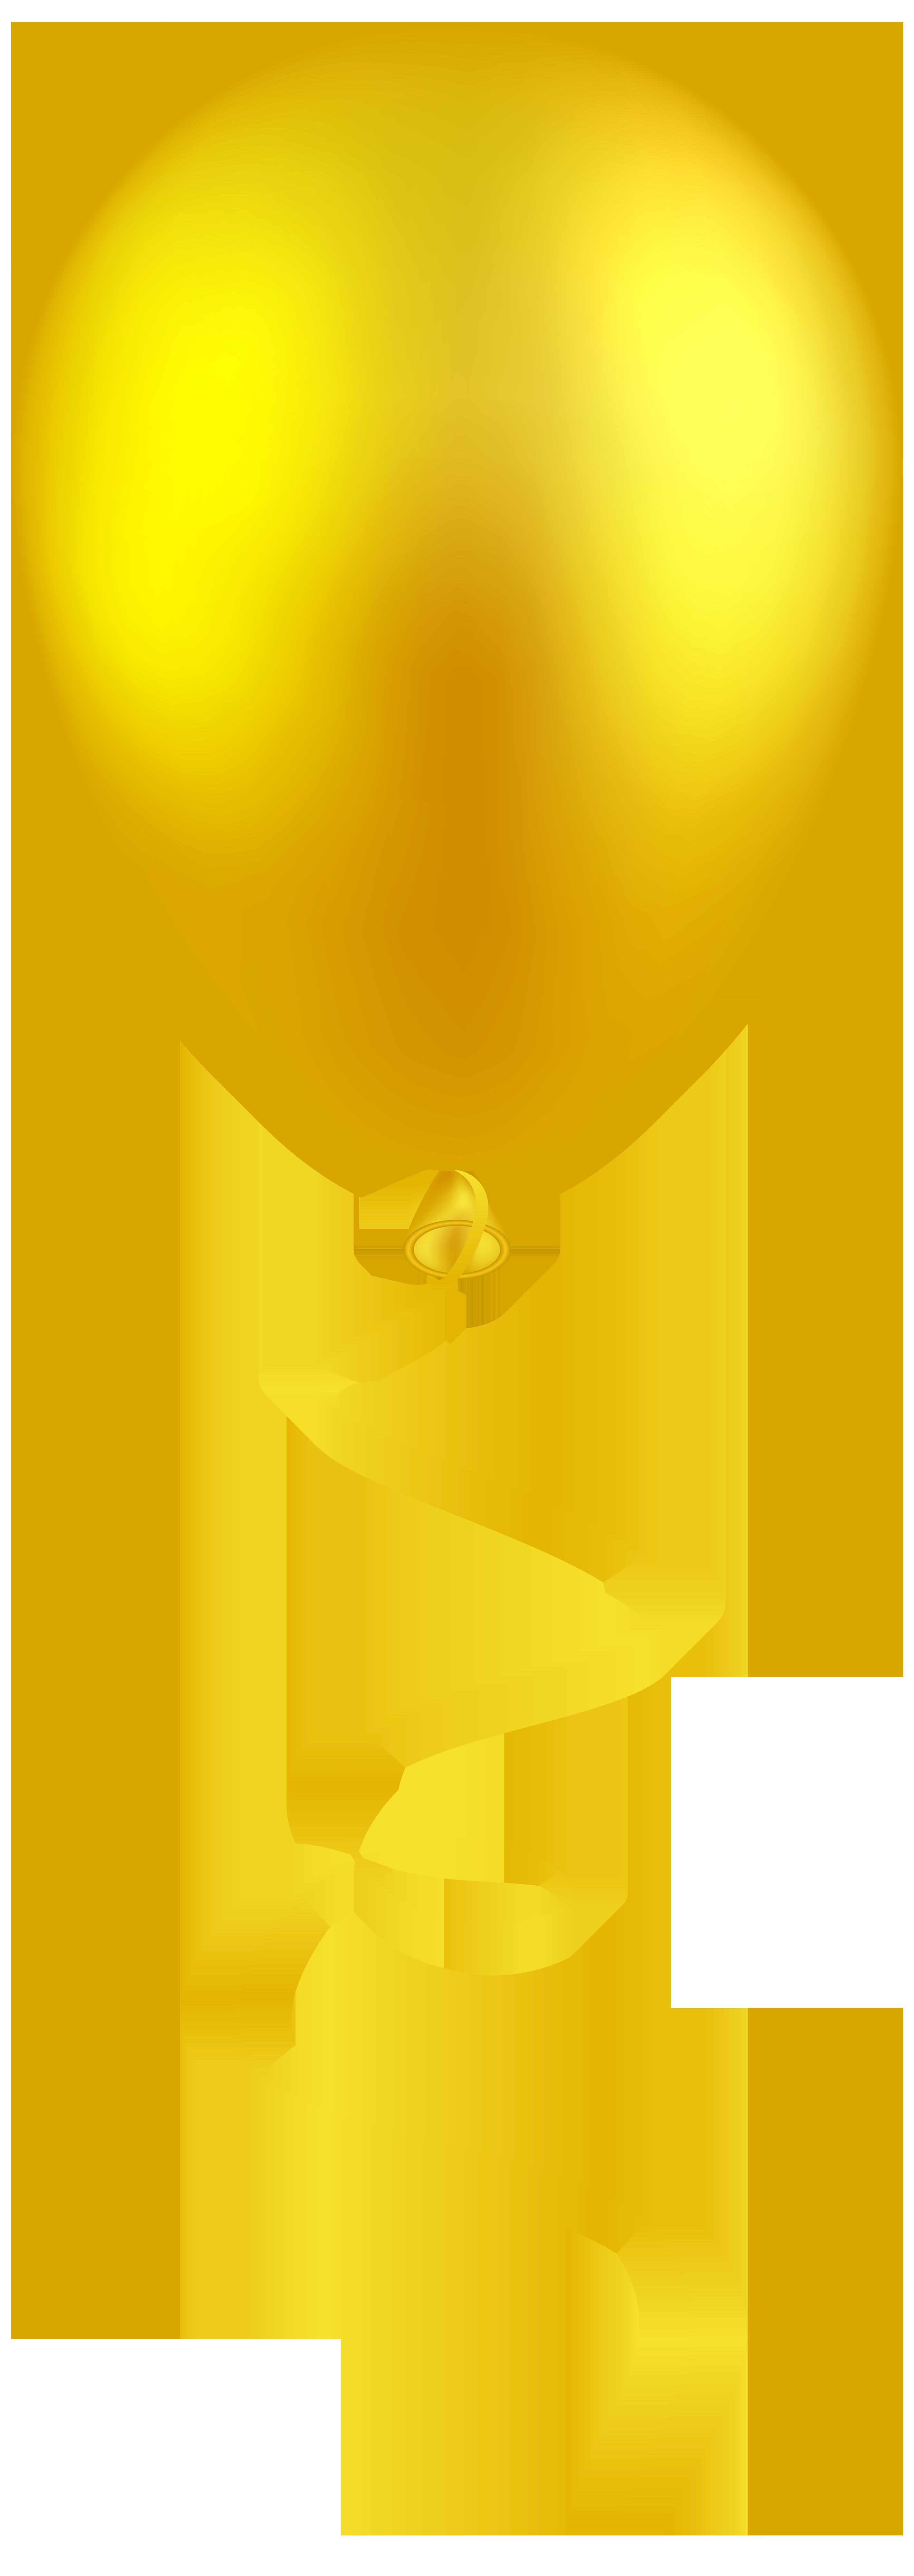 Png clip art best. Clipart balloon yellow